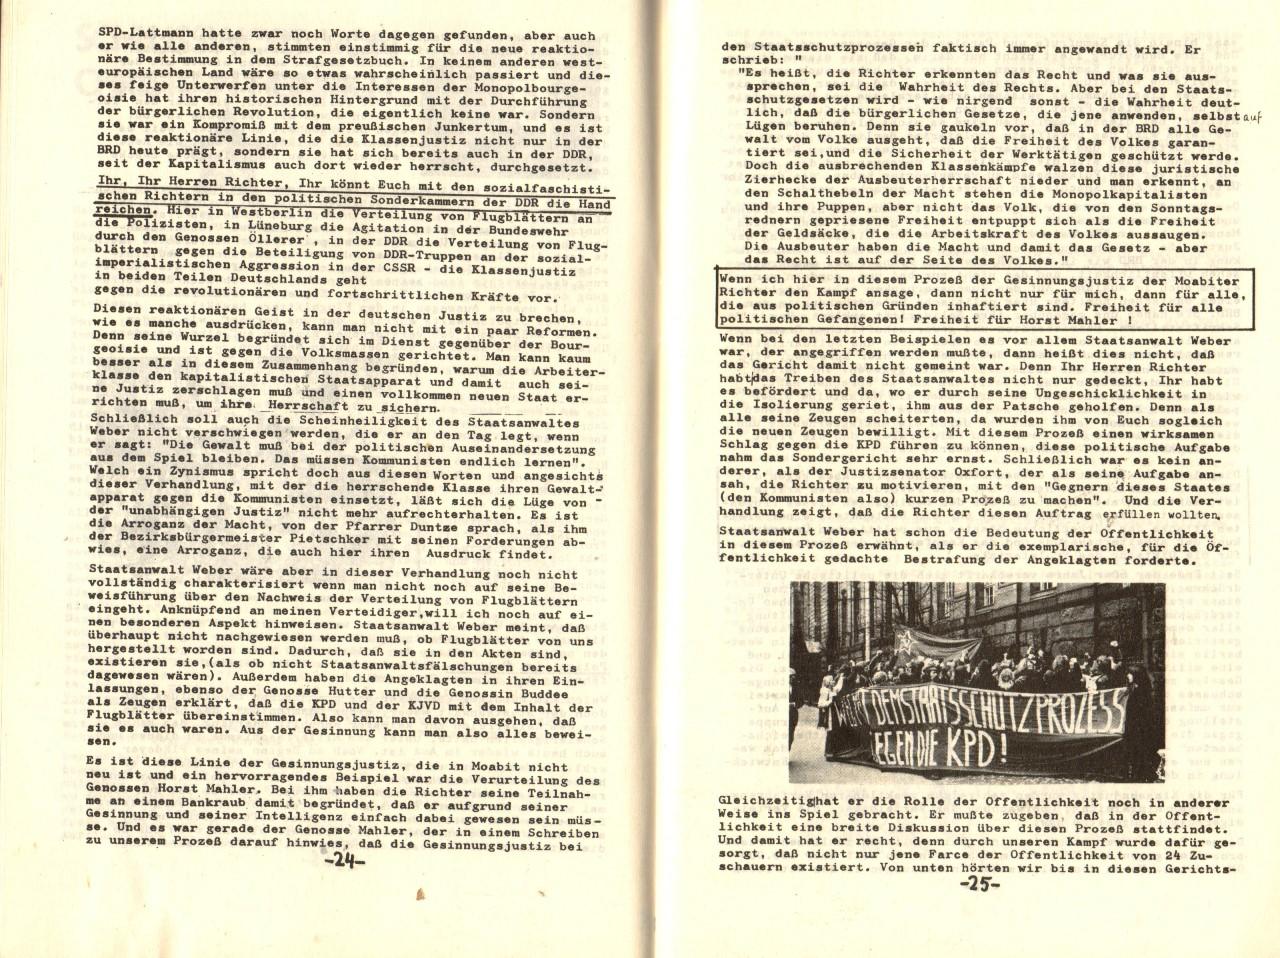 Berlin_KPD_1976_Staatsschutzprozess02_14